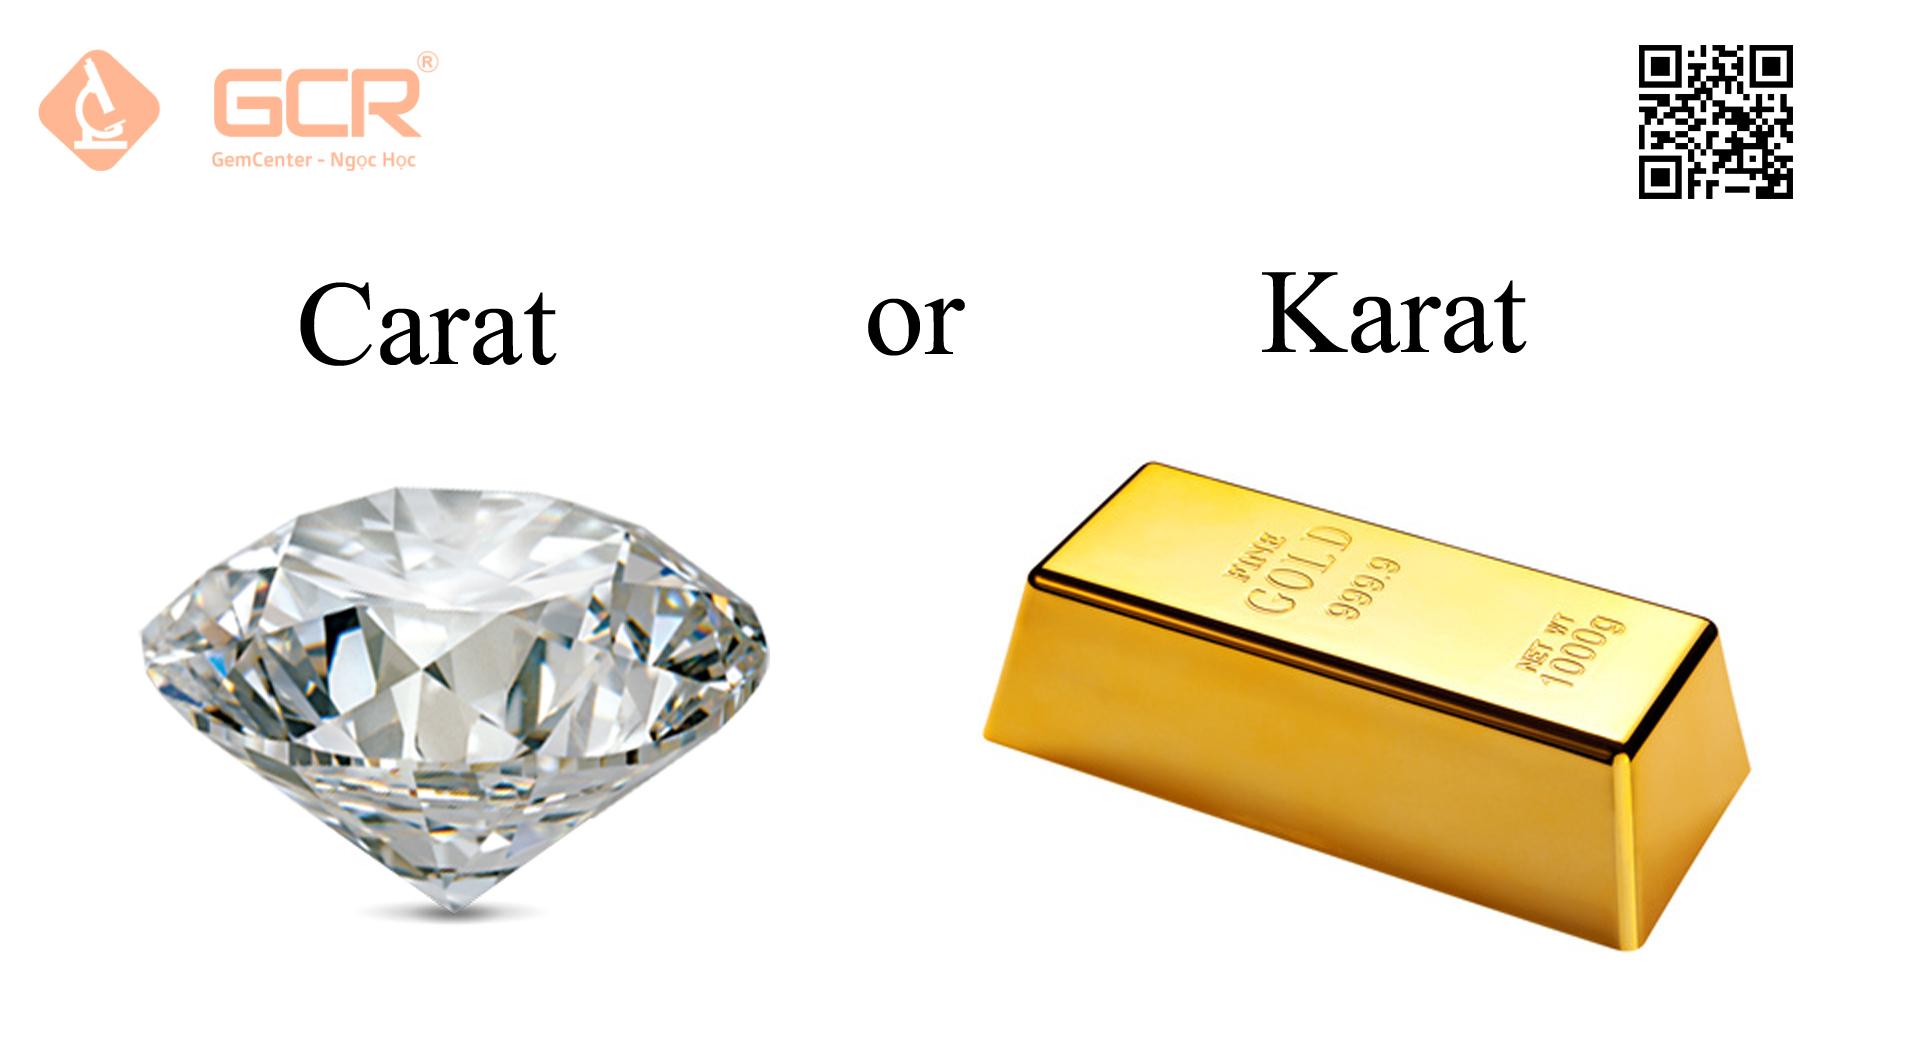 carat or Karat?